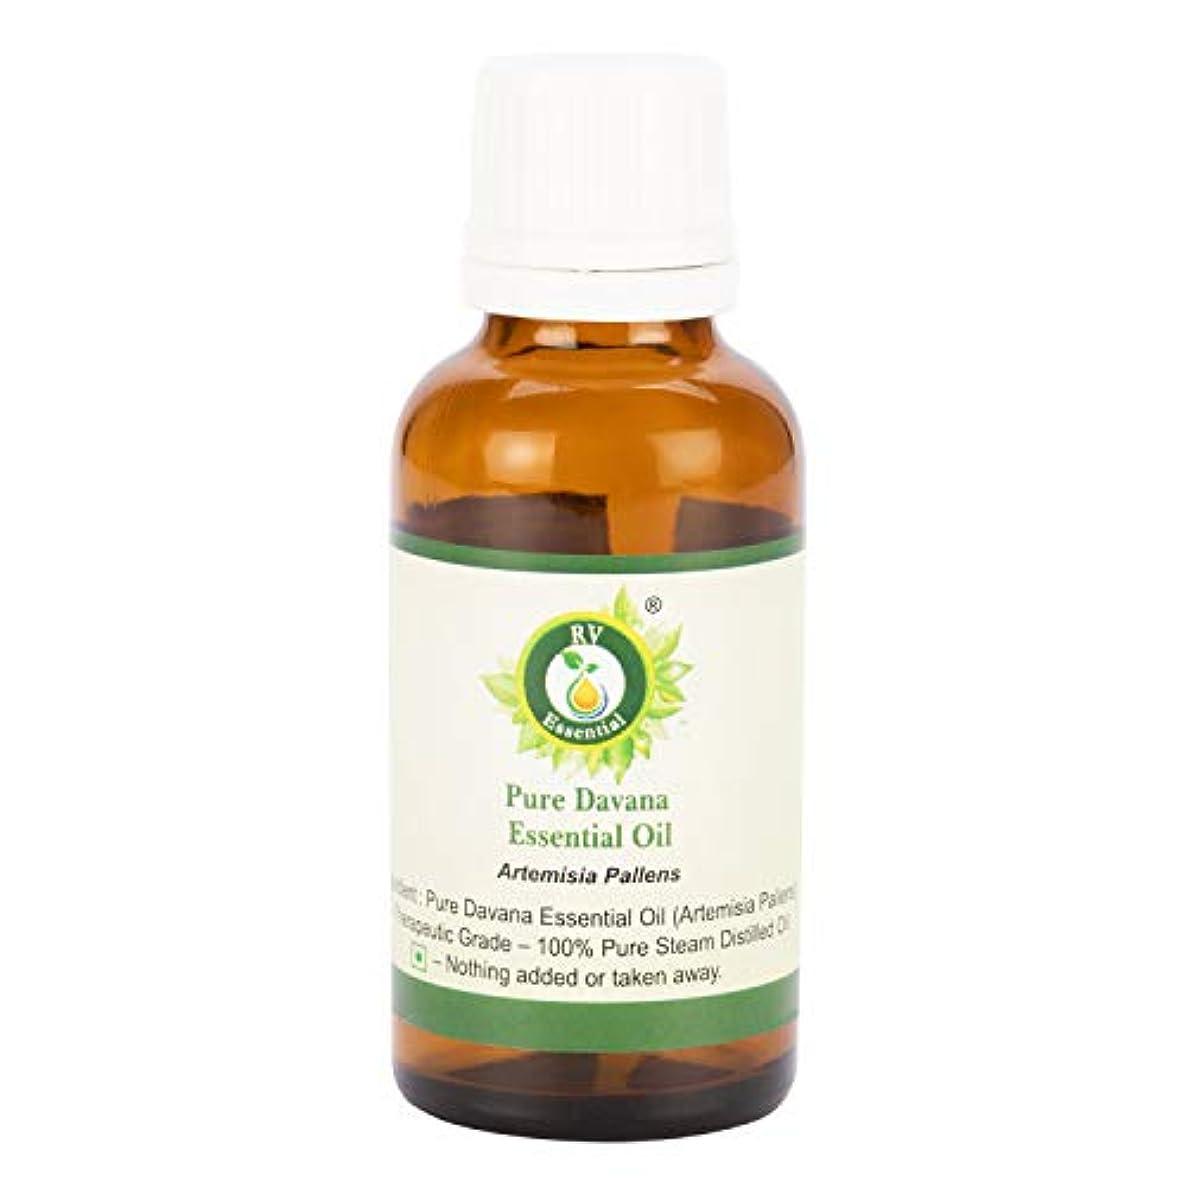 注入ダイジェスト太陽ピュアDavanaエッセンシャルオイル630ml (21oz)- Artemisia Pallens (100%純粋&天然スチームDistilled) Pure Davana Essential Oil